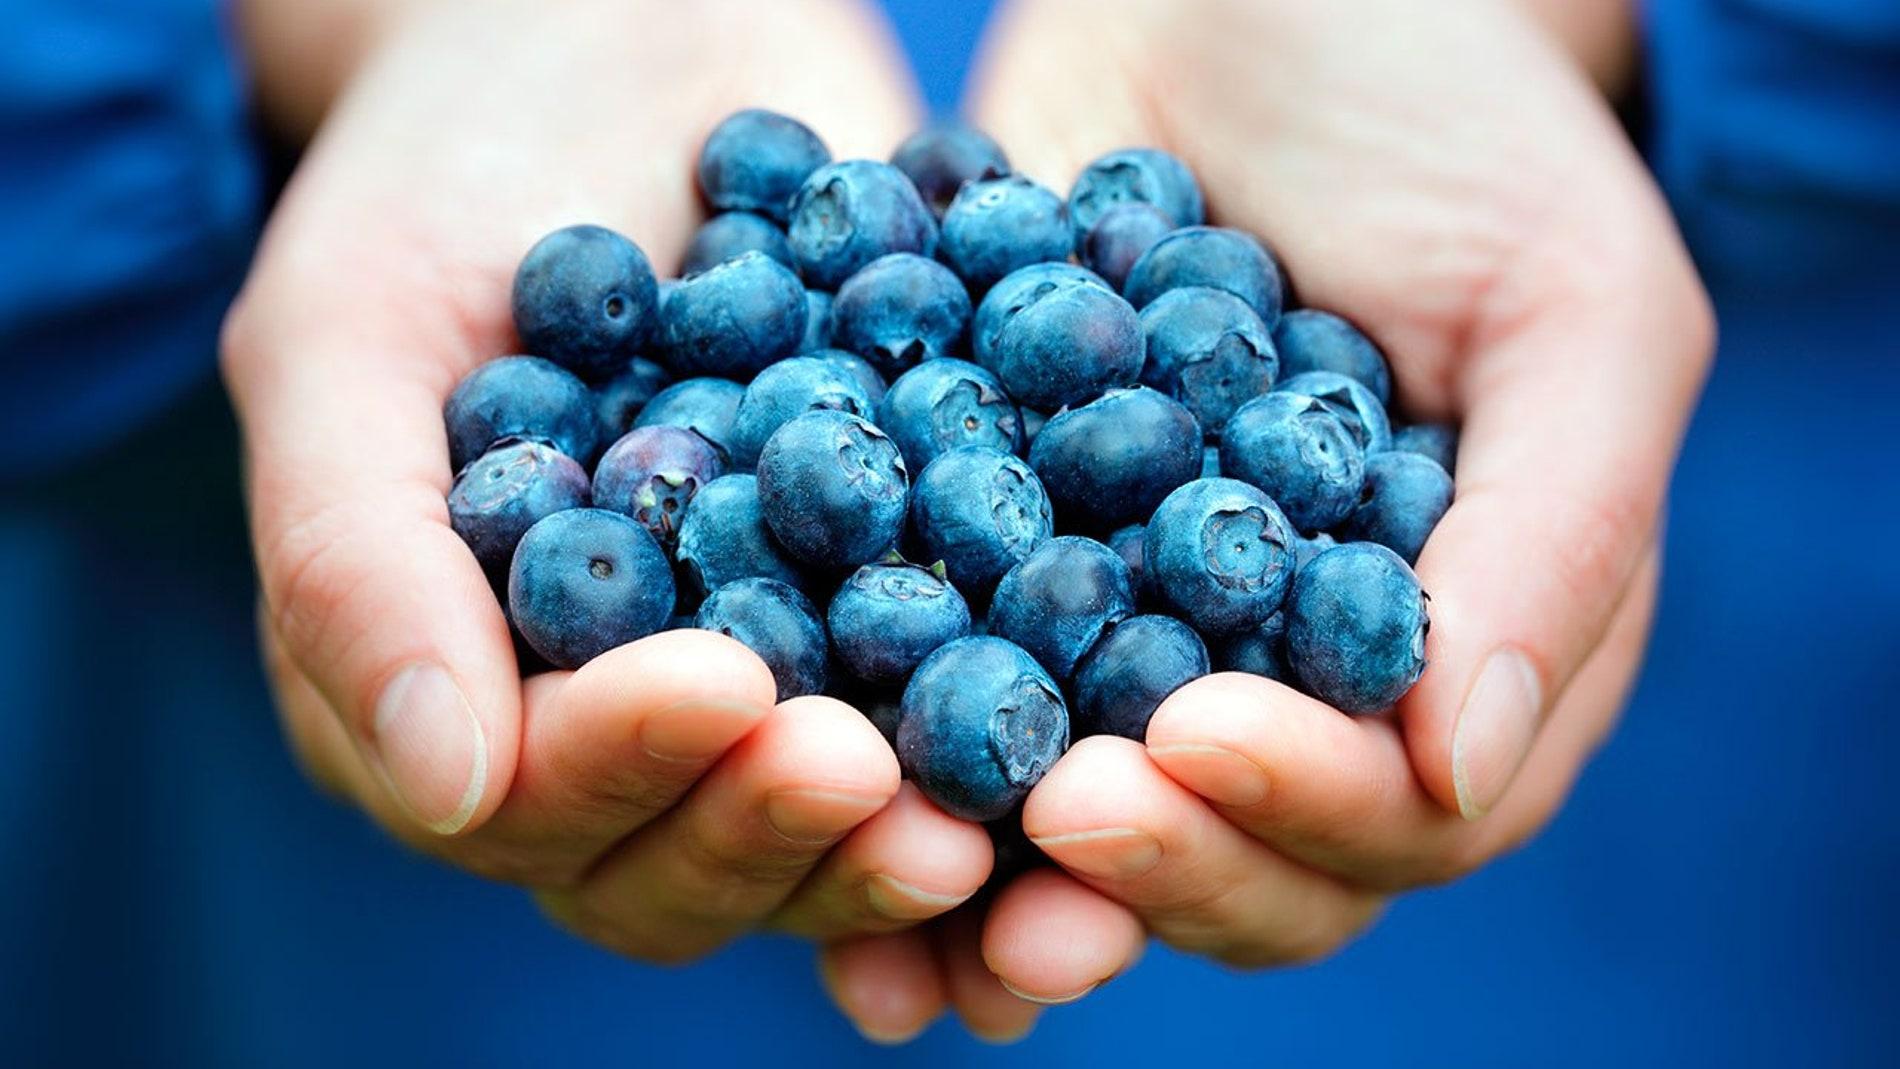 Los arándanos podrían ser buenos para combatir el Alzheimer